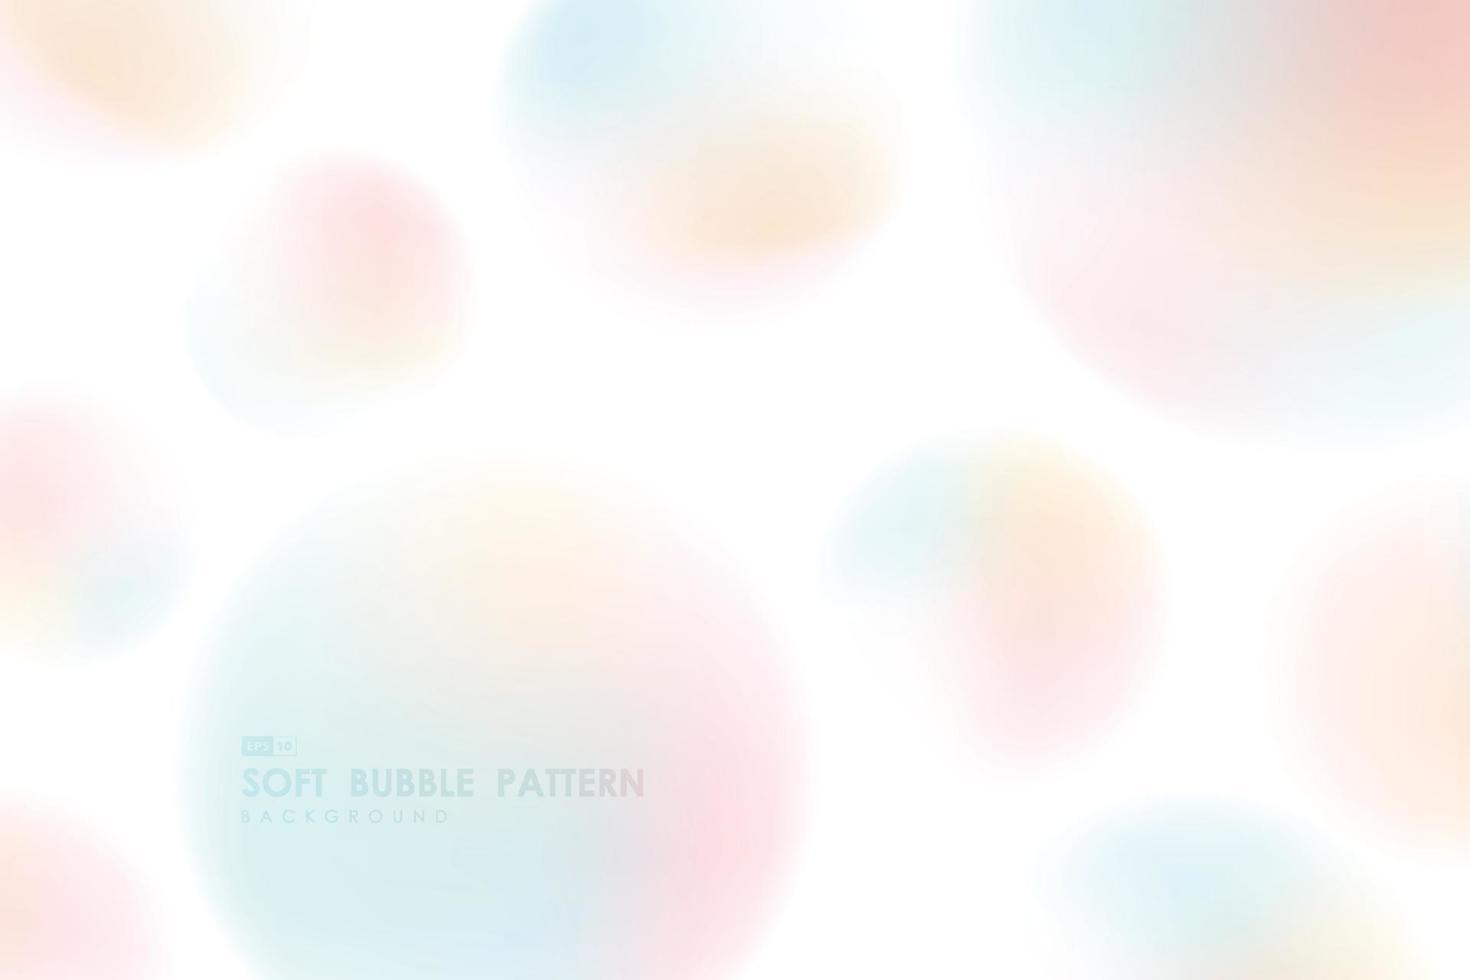 abstrakt mjuk lutning färgglada bubbla mönster design på vit bakgrund. illustration vektor eps10